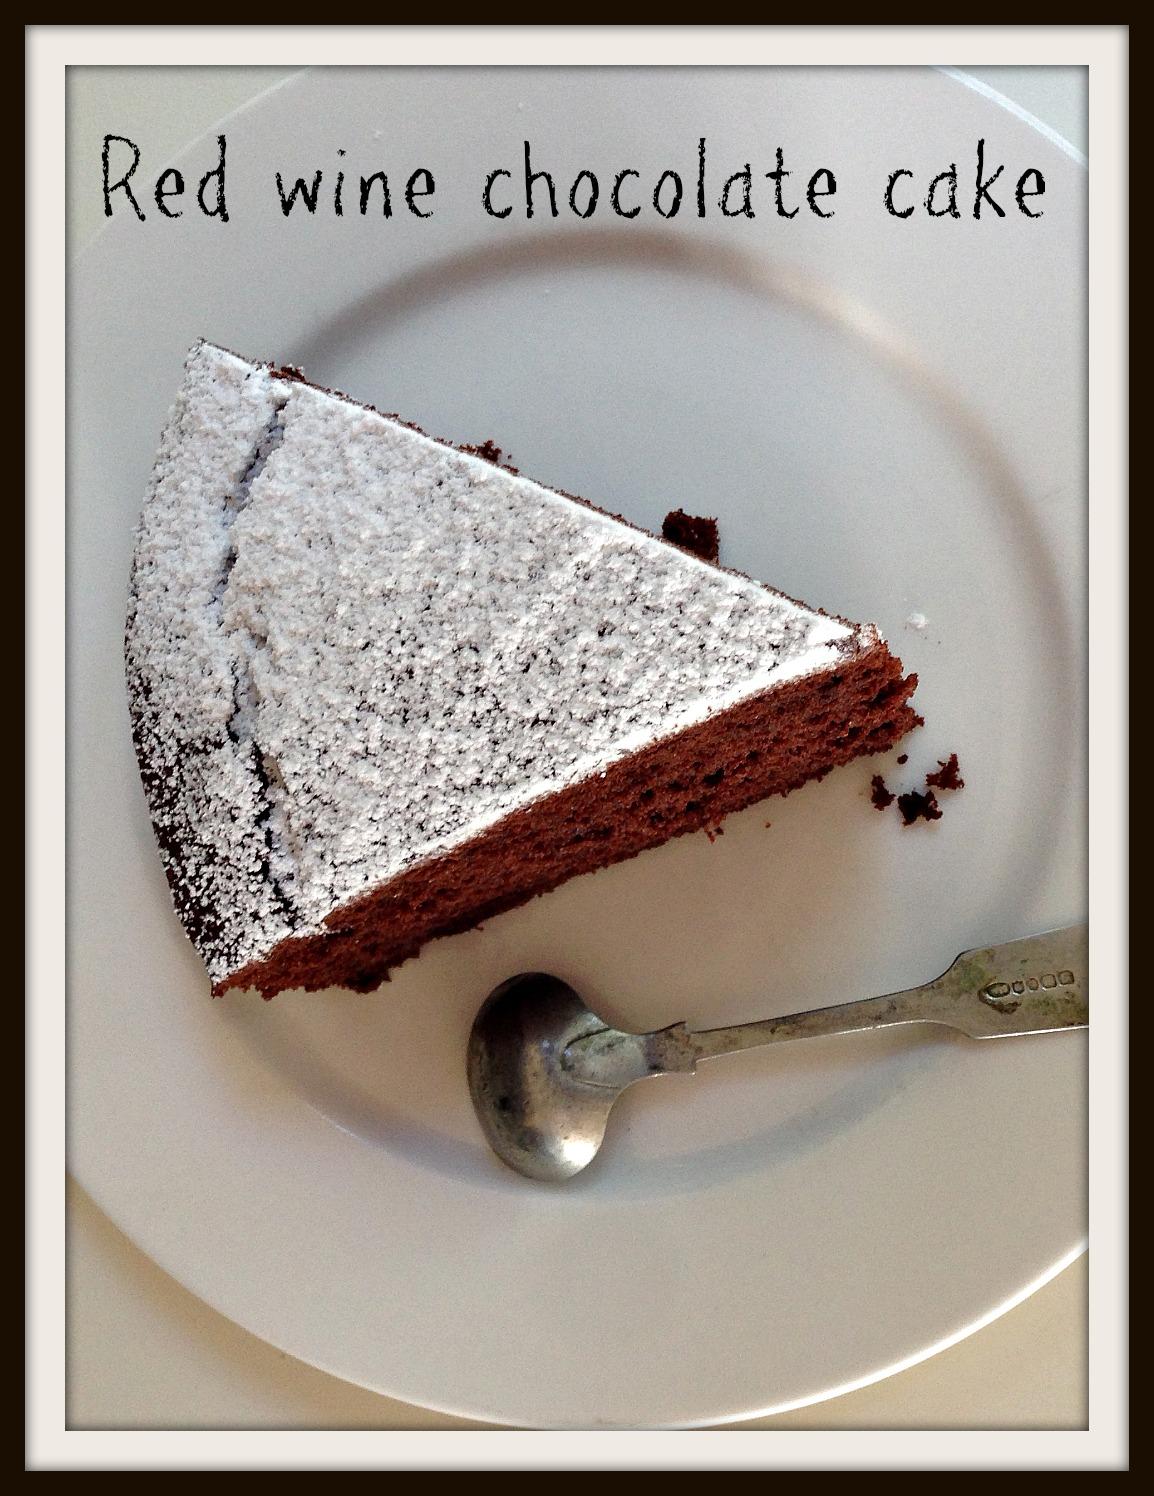 Red wine chocolate cake - The Hungry Mum